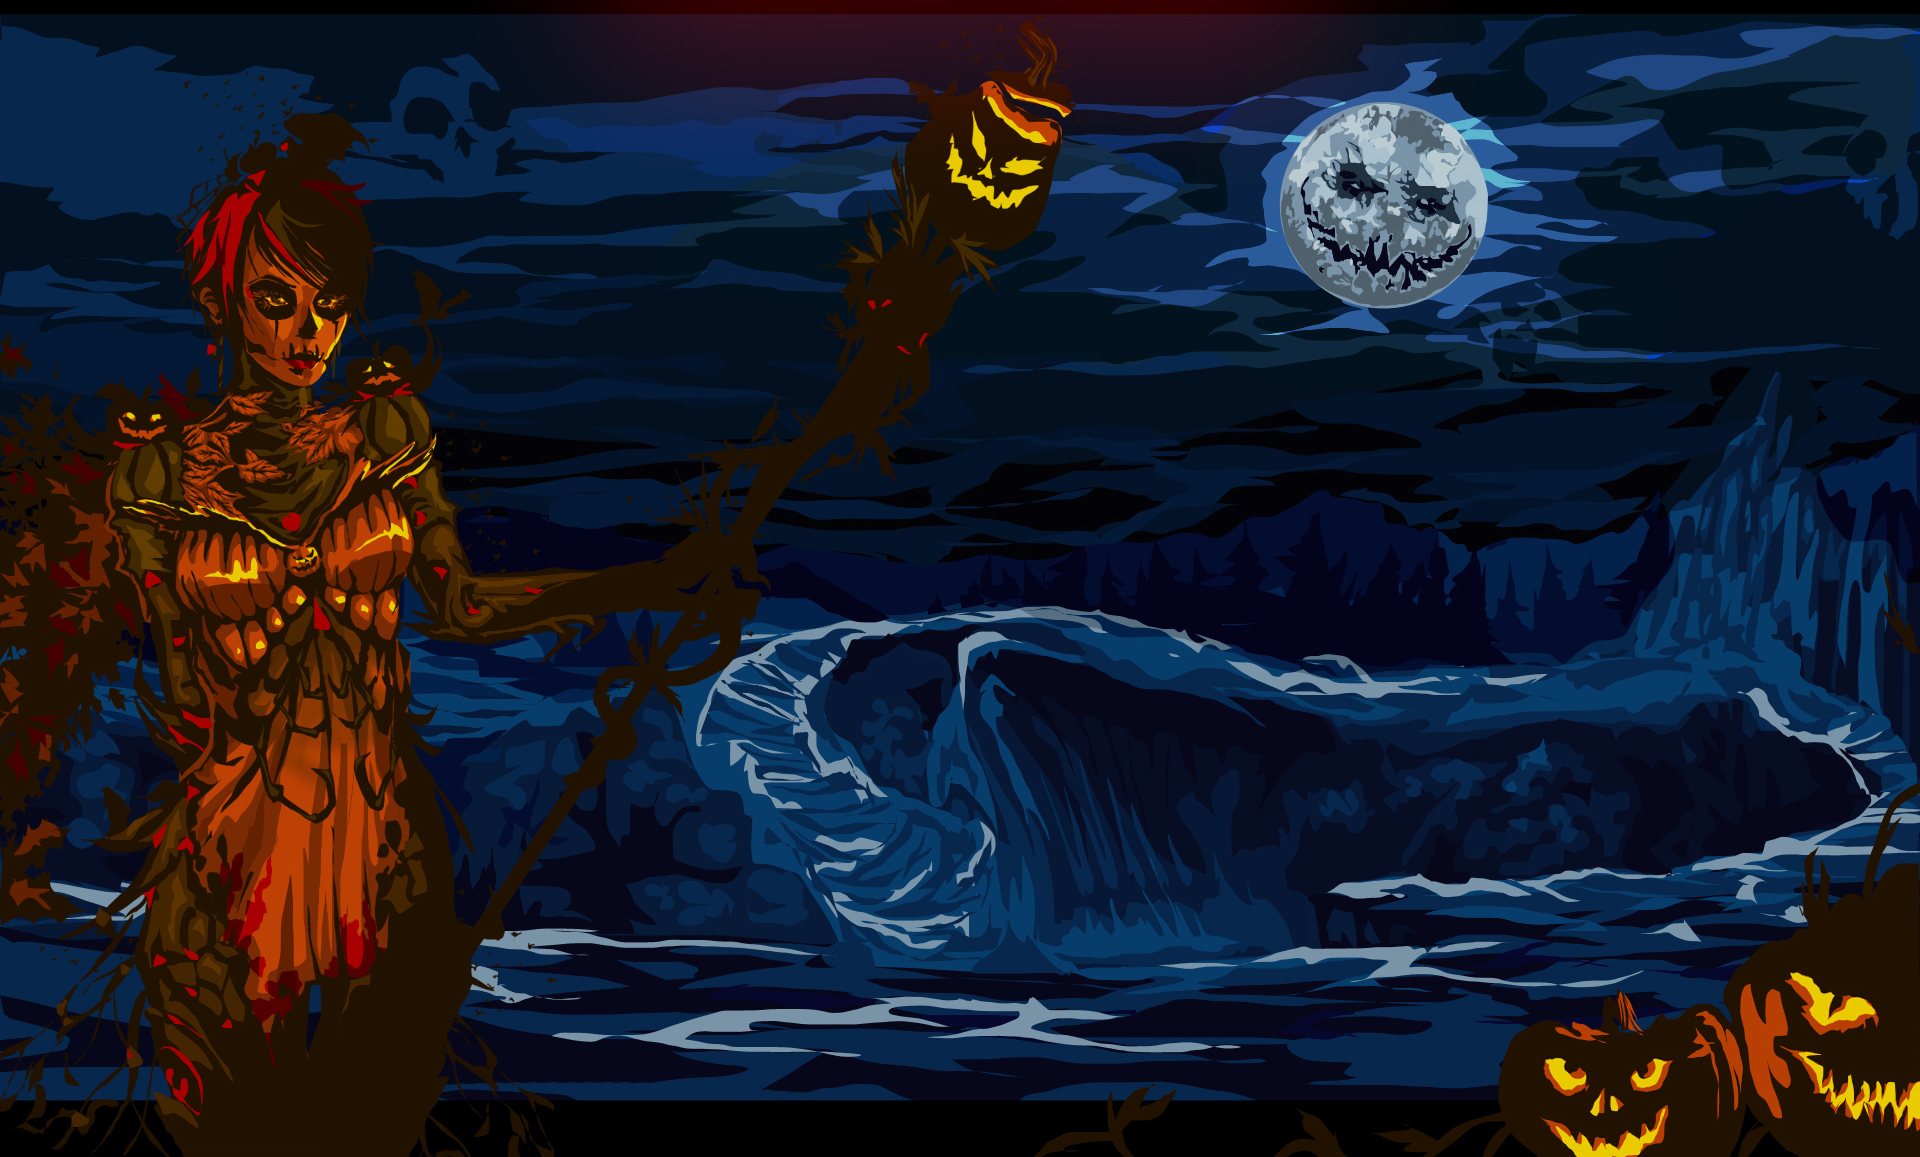 Wallpapers En Hd: Halloween Wallpapers, Halloween Fondos Hd Gratis